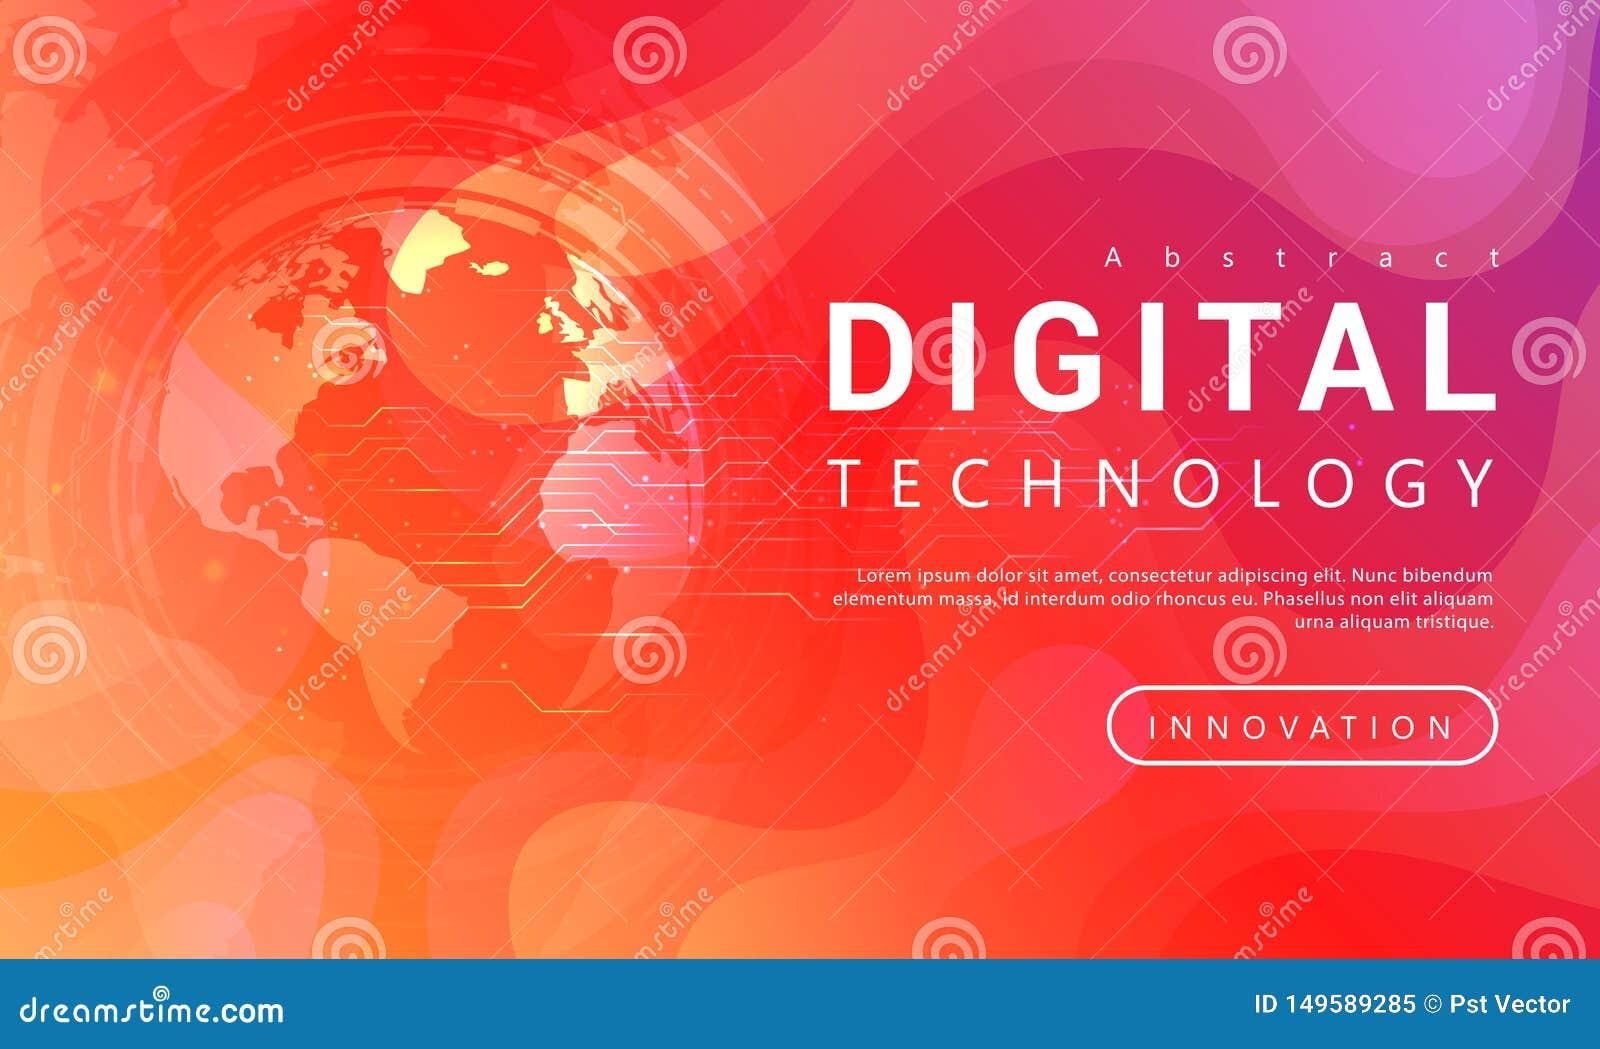 Digitaal van de technologiebanner rood oranje concept als achtergrond met wereld lichteffecten